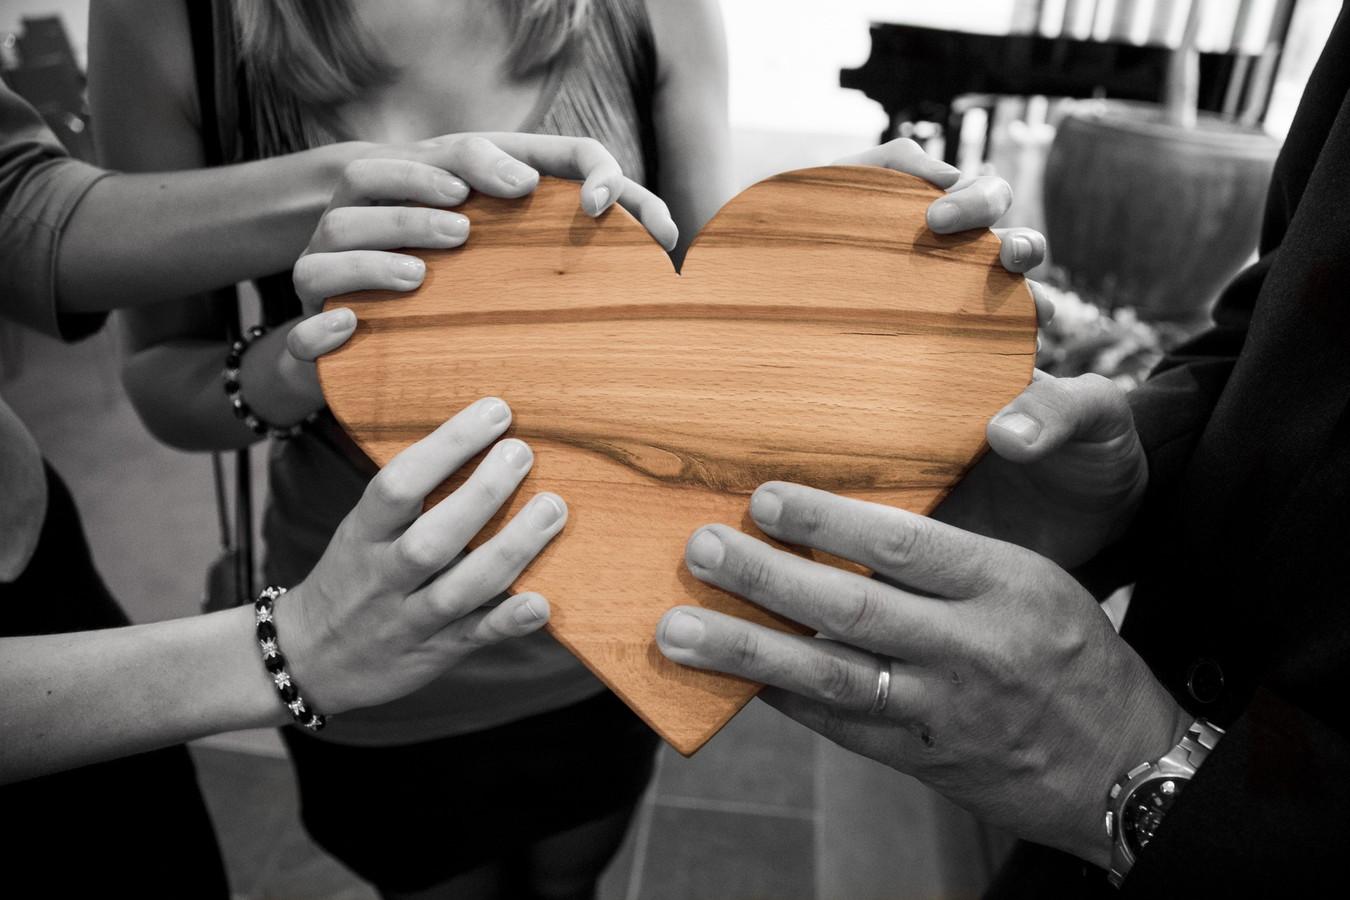 部下と良好な関係を築くために実践するべき6つの行動